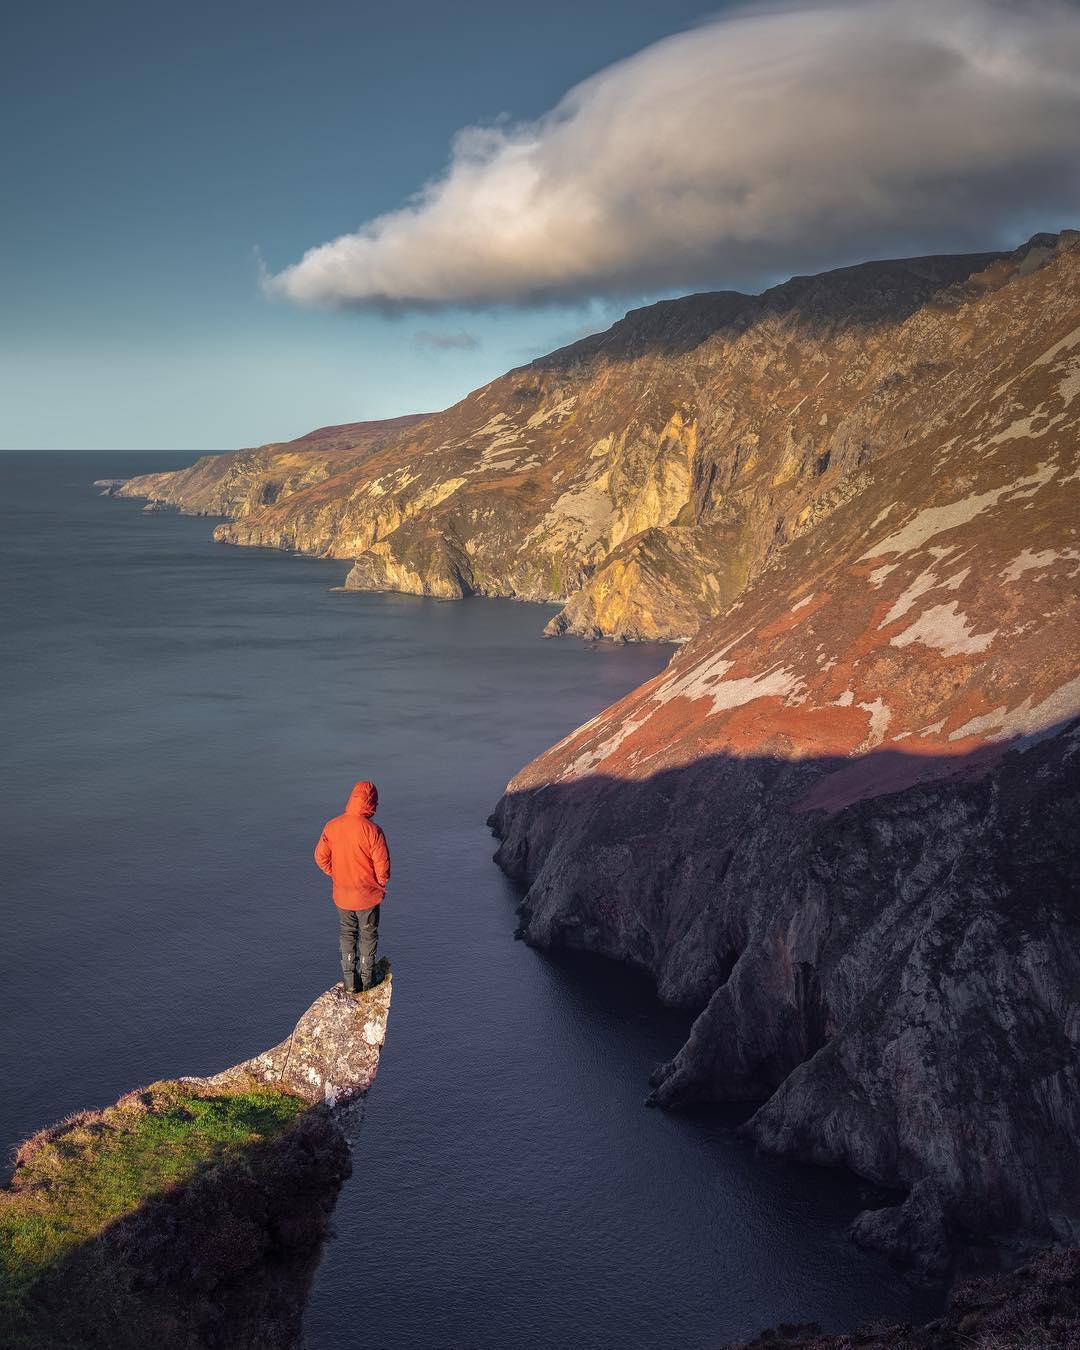 Пейзажи и путешествия на снимках Максимса Гаврилукса